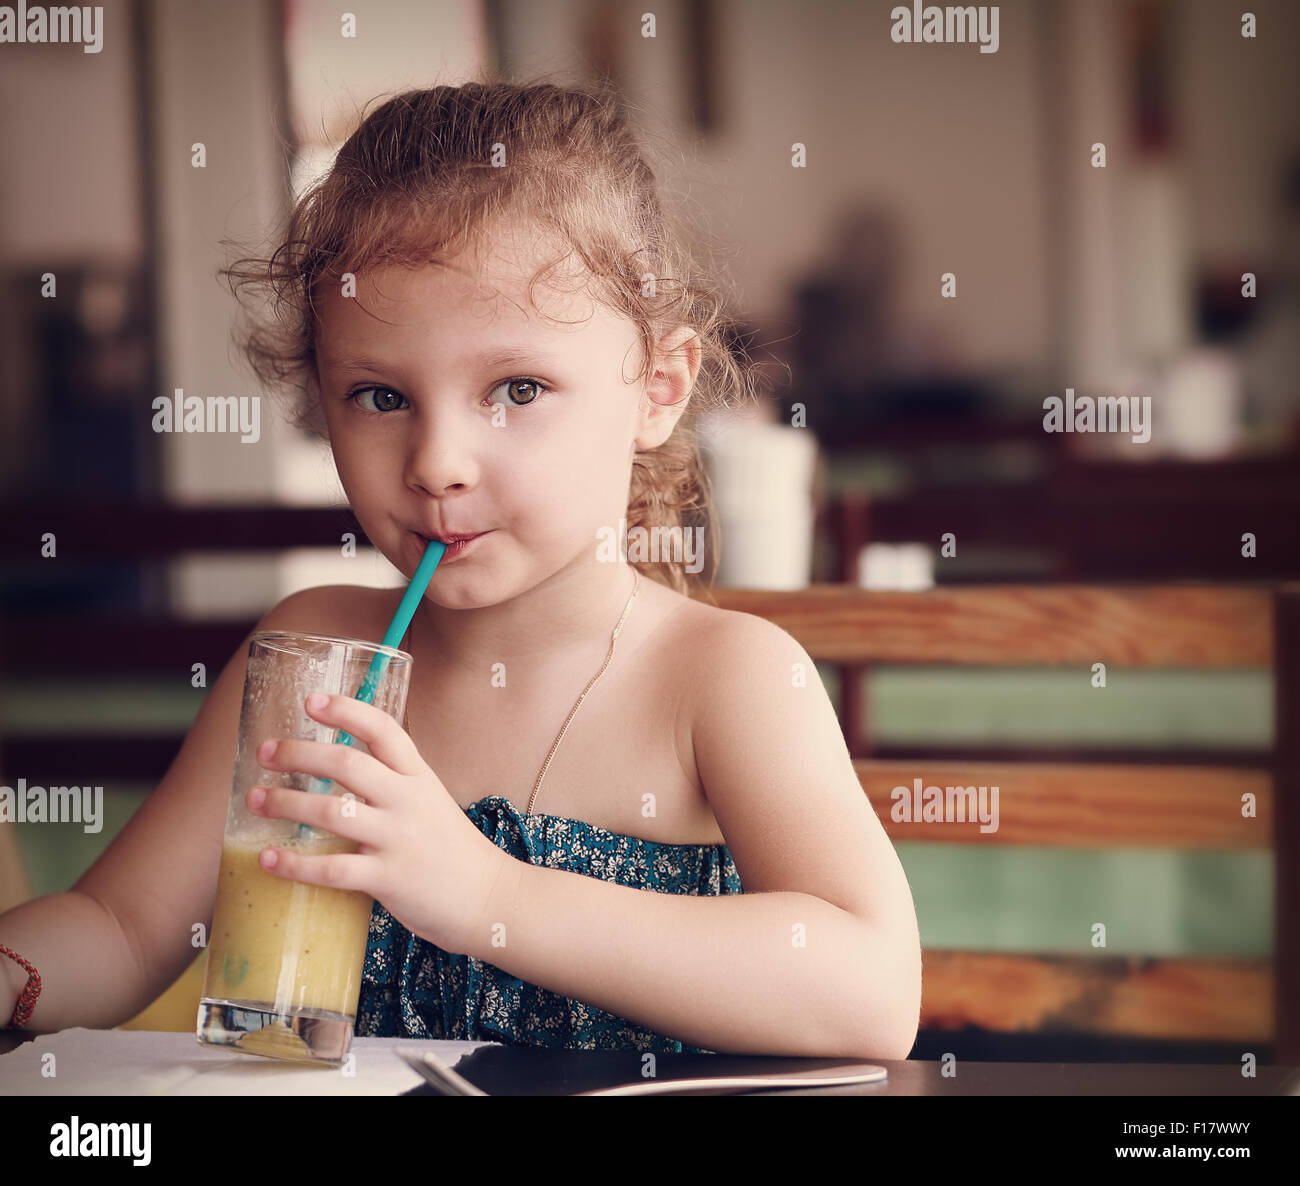 Pensée Cute kid girl boire du jus de café avec regard sérieux. Closeup portrait Photo Stock